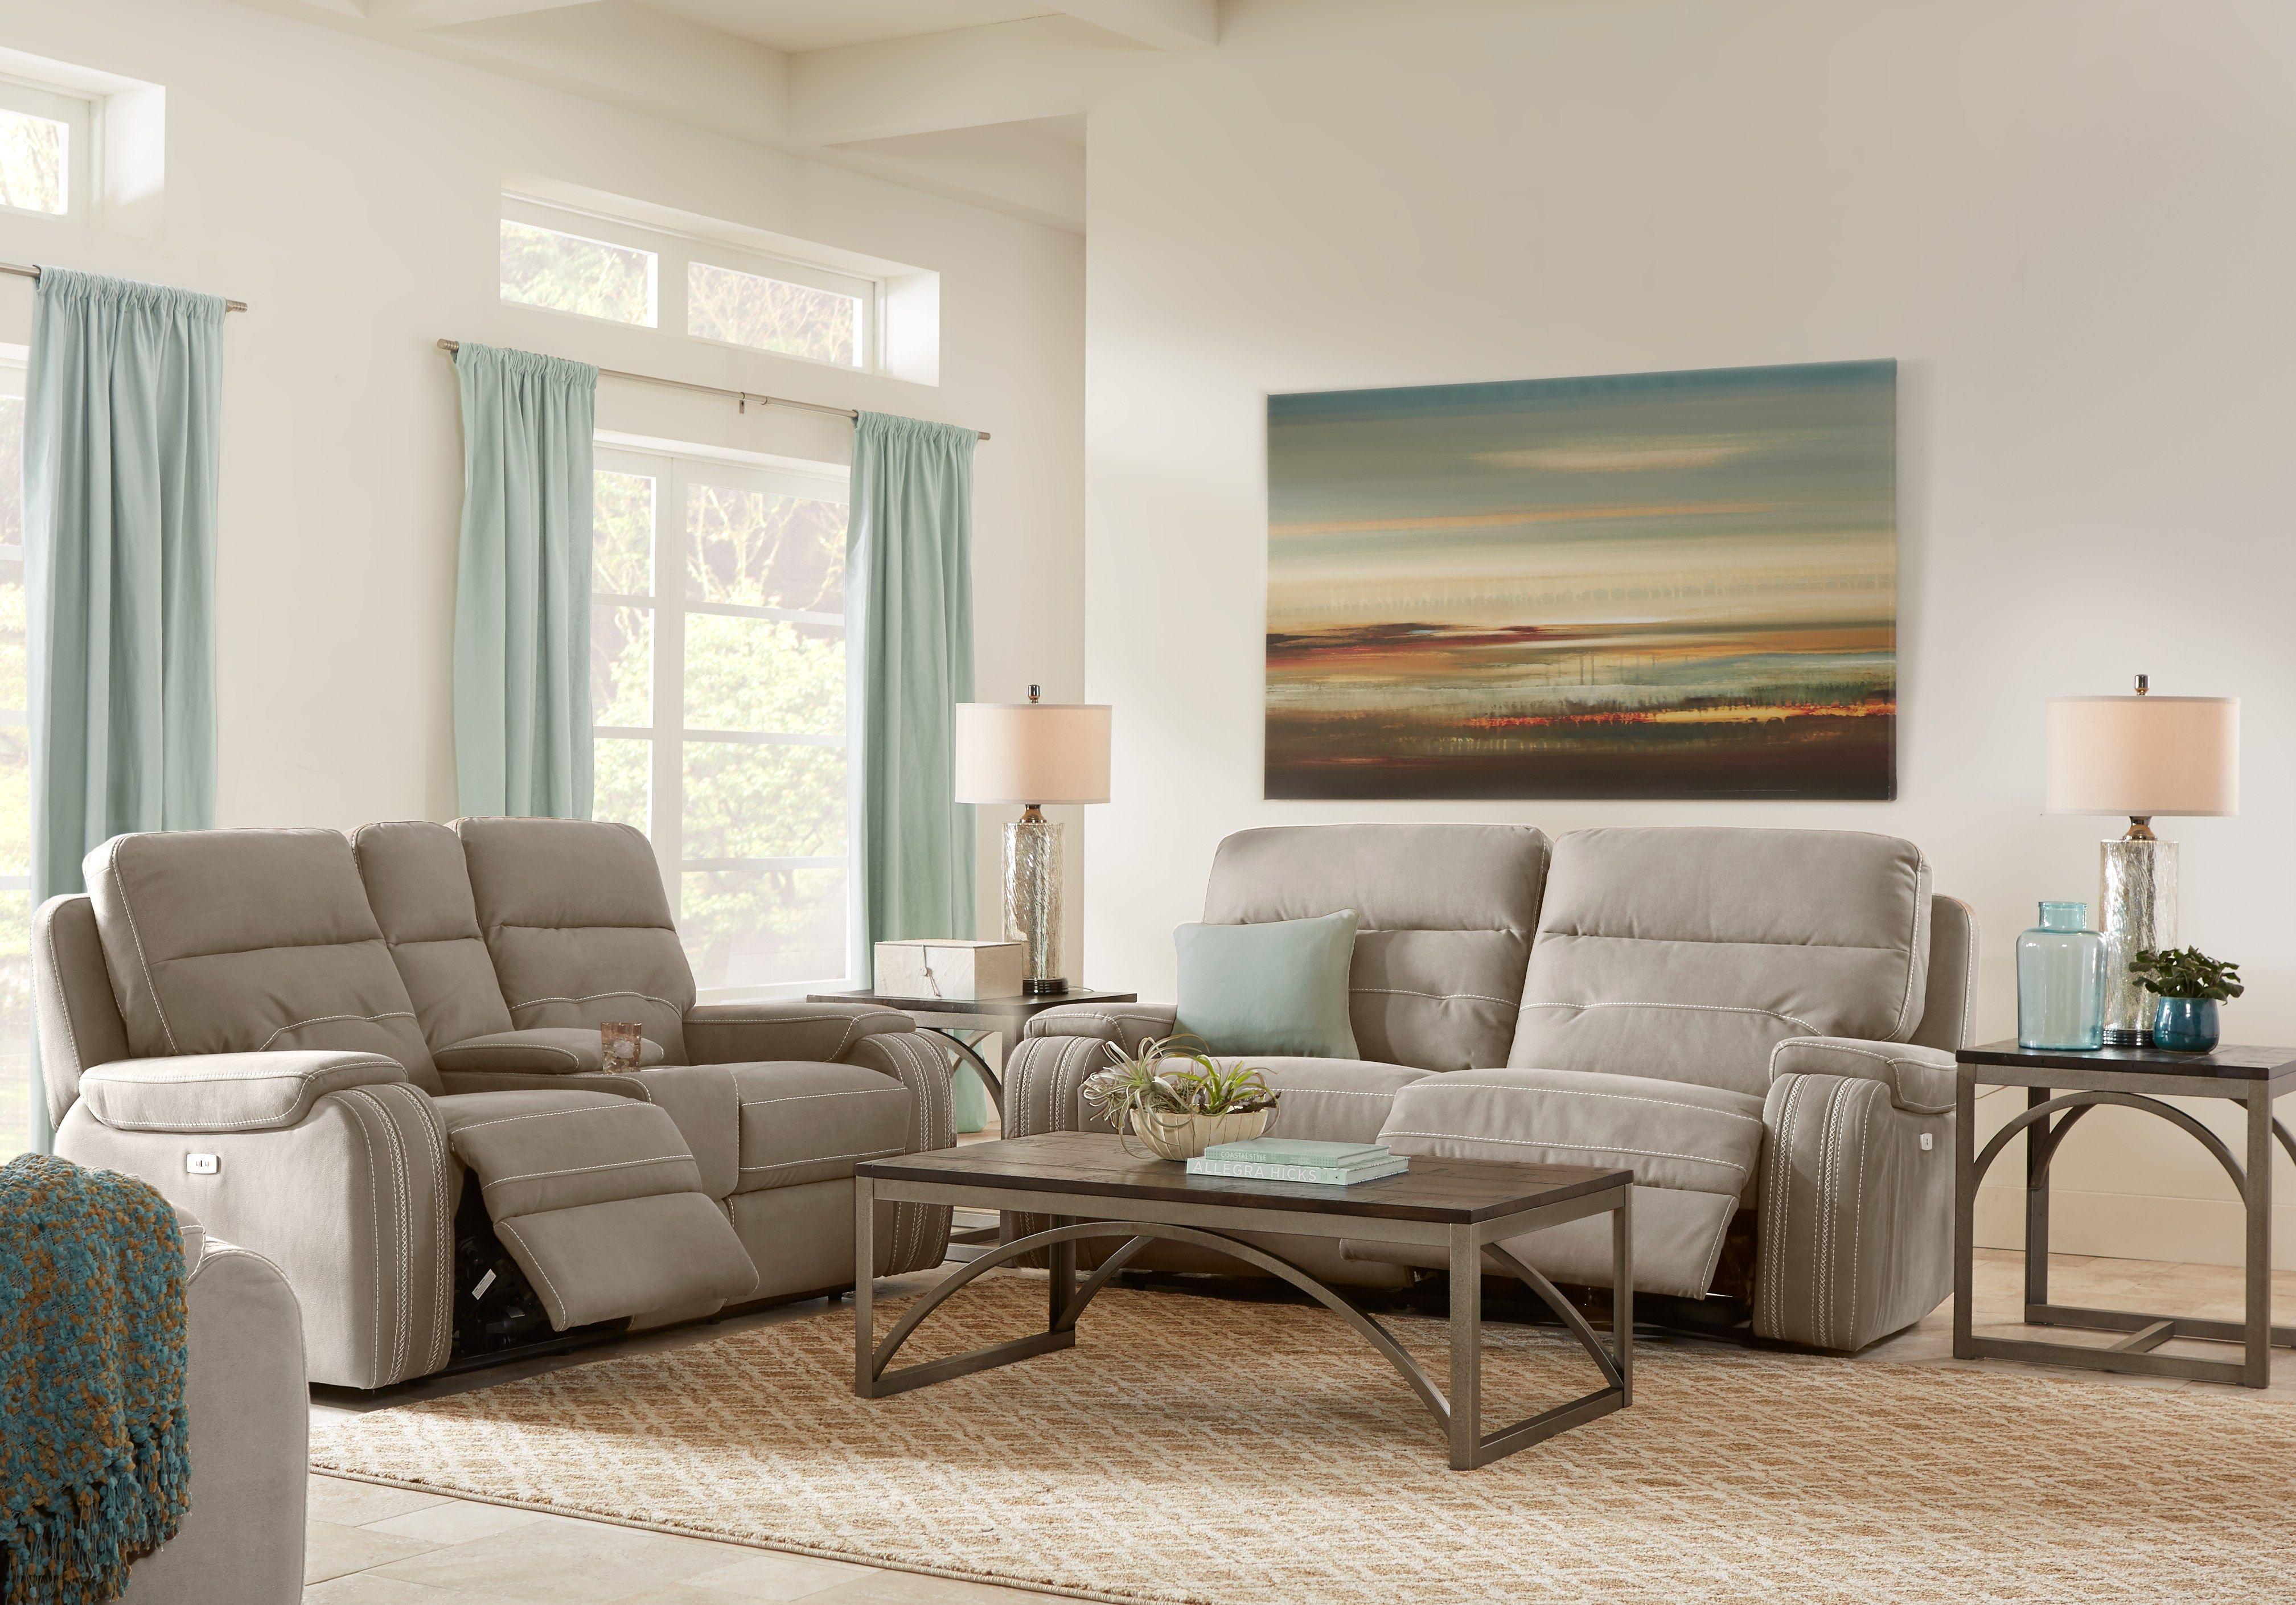 Awe Inspiring Brampton Place Mushroom 3 Pc Reclining Living Room In 2019 Inzonedesignstudio Interior Chair Design Inzonedesignstudiocom